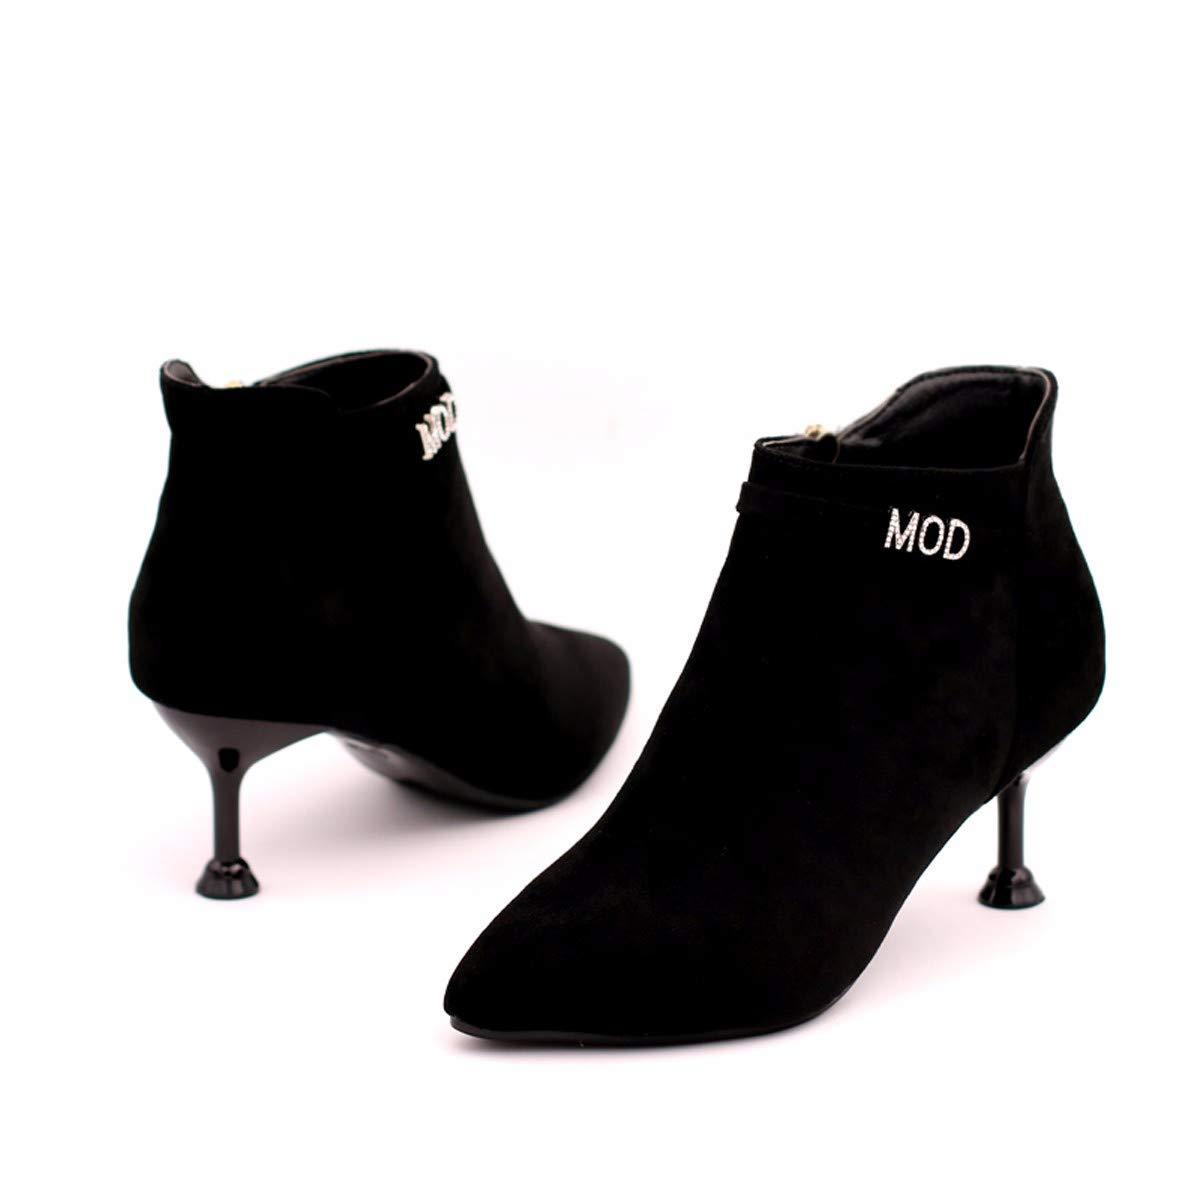 Olici Damen Stiefel Arbeits-   Freizeitstiefel mit hohem 5 cm mittlerem Absatz dünnem Absatz aus Wildleder mit Katzenabsatz